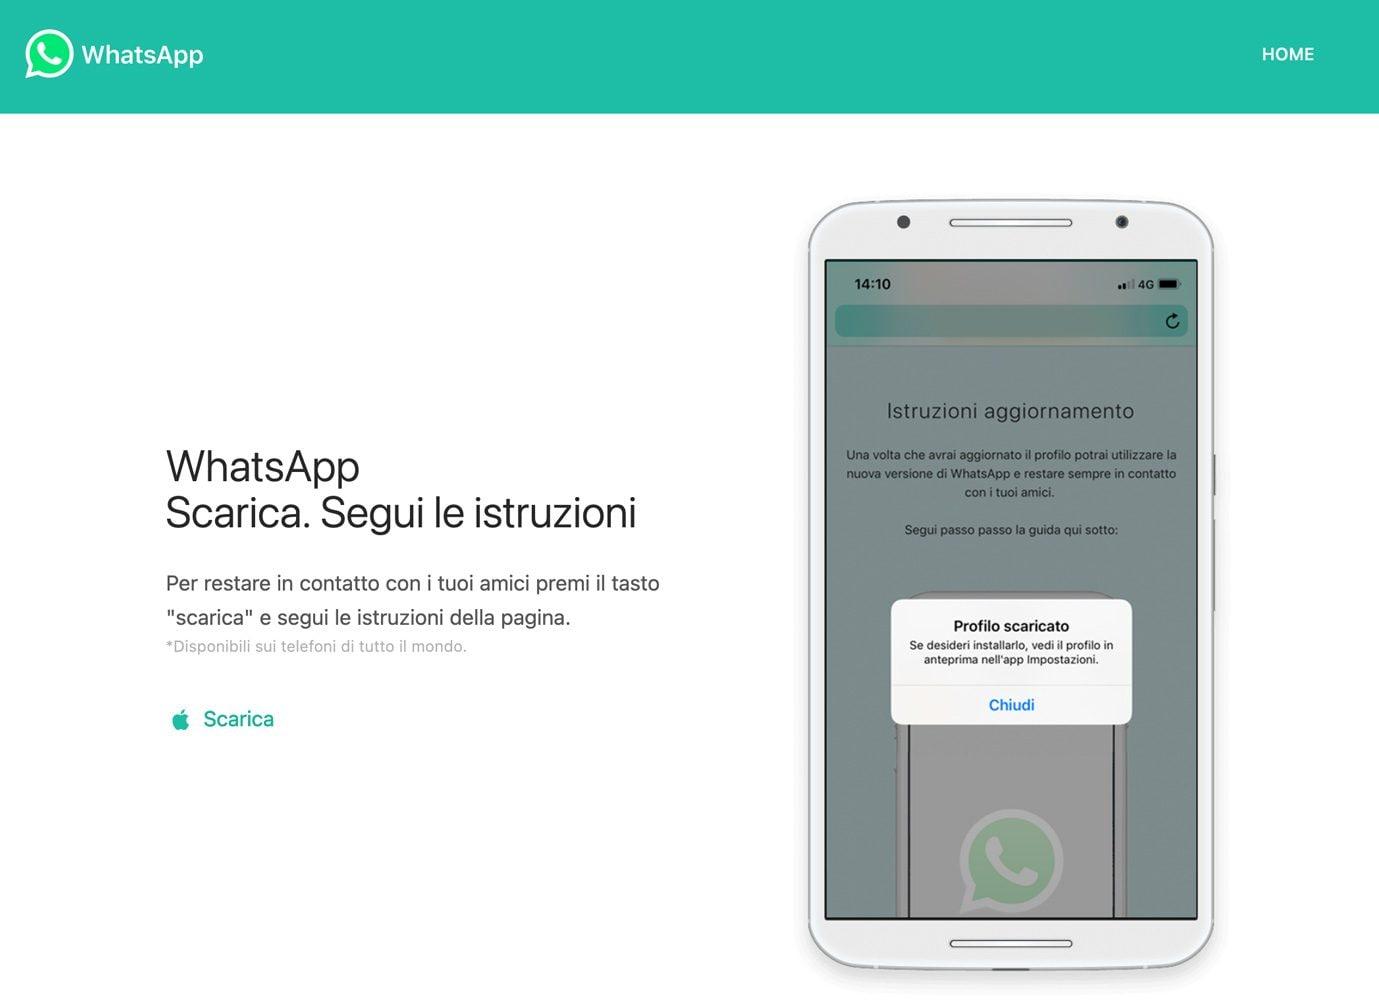 Il sito da cui veniva proposto il download della finta versione di WhatsApp. (Foto: CitizenLab)